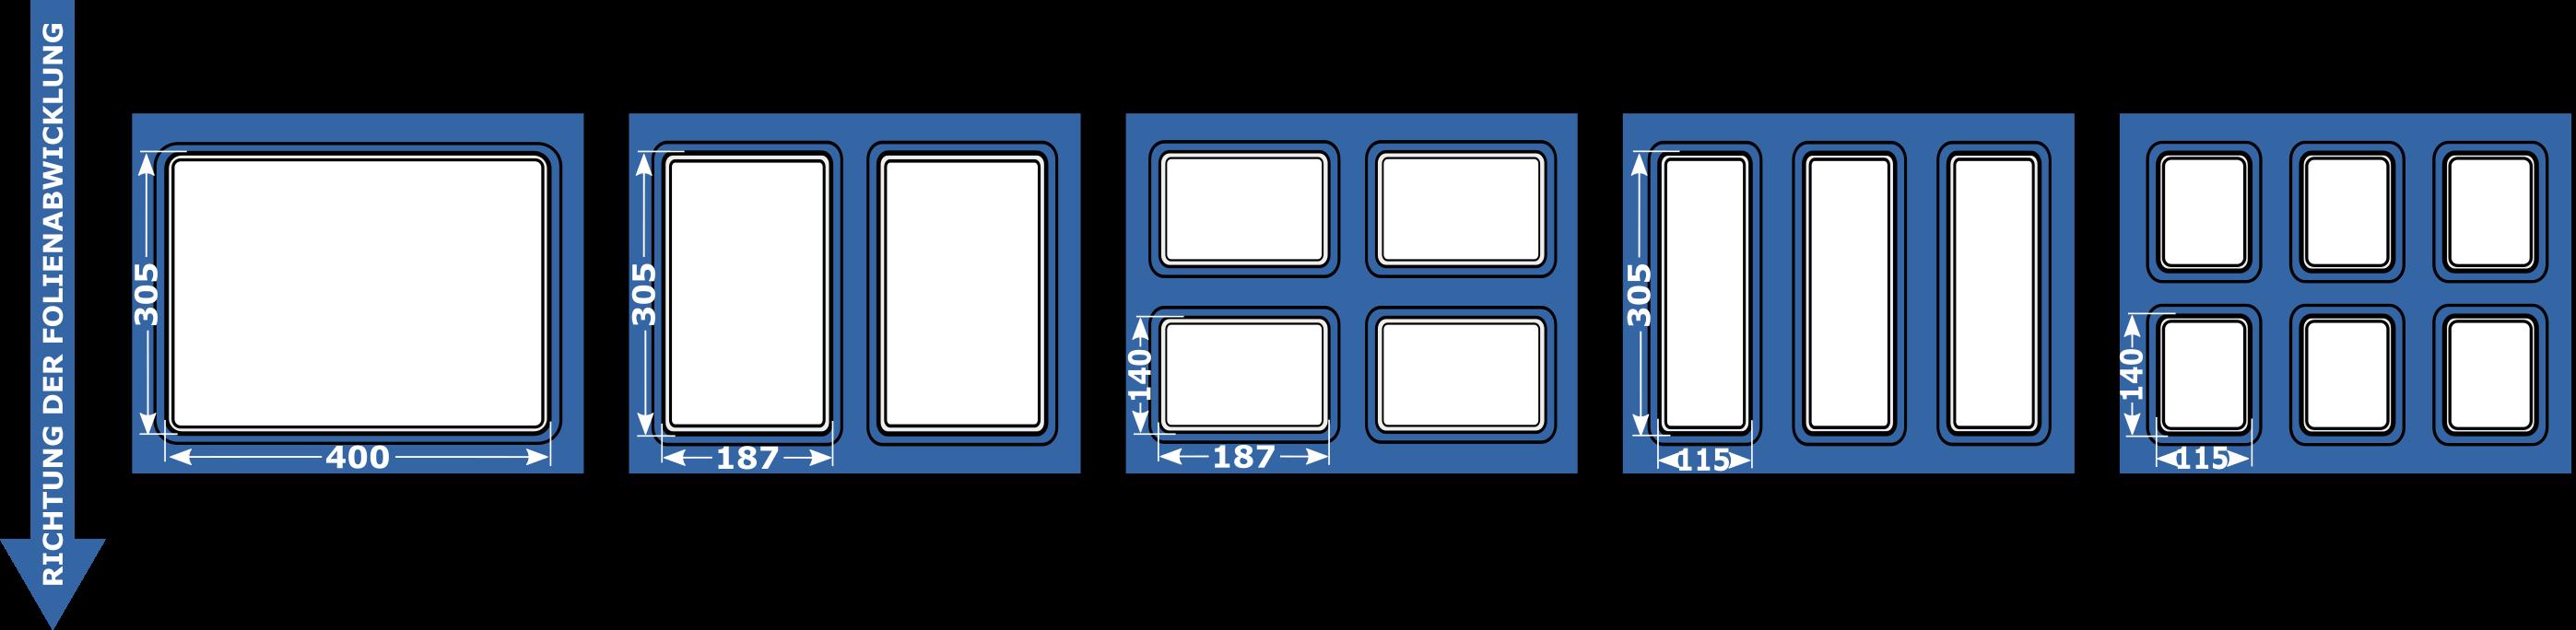 Maksymalne wymiary tacek SPP6 DE